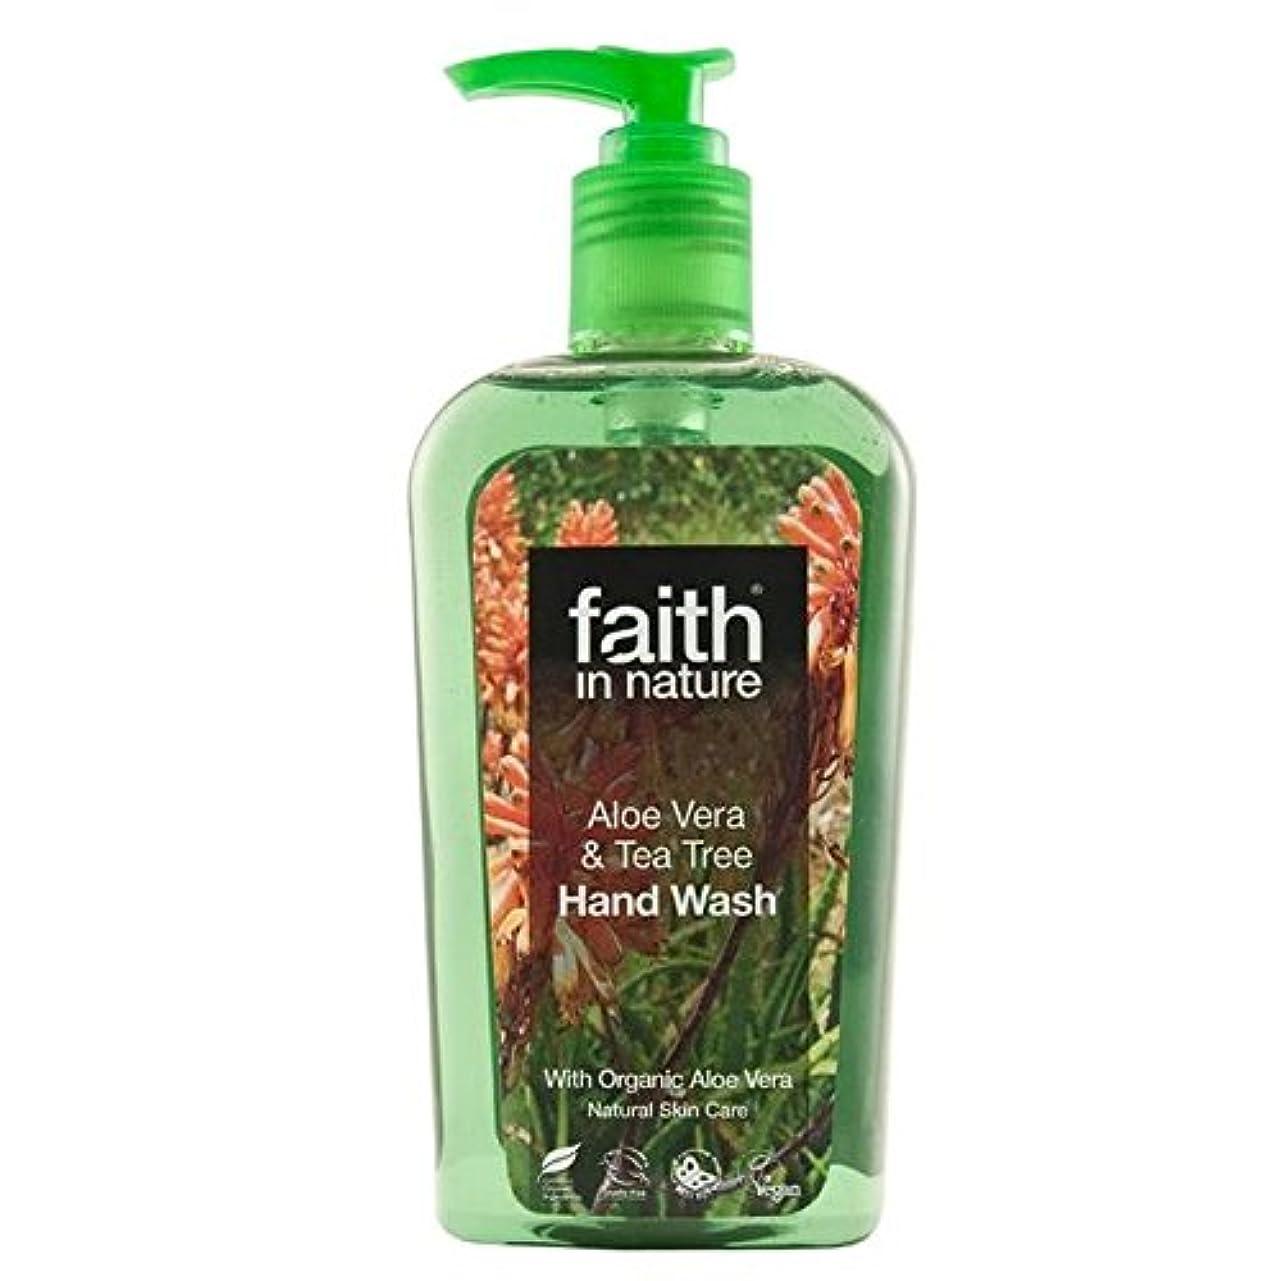 文同一性メロドラマティックFaith in Nature Aloe Vera & Tea Tree Handwash 300ml - (Faith In Nature) 自然のアロエベラ&ティーツリー手洗いの300ミリリットルの信仰 [並行輸入品]